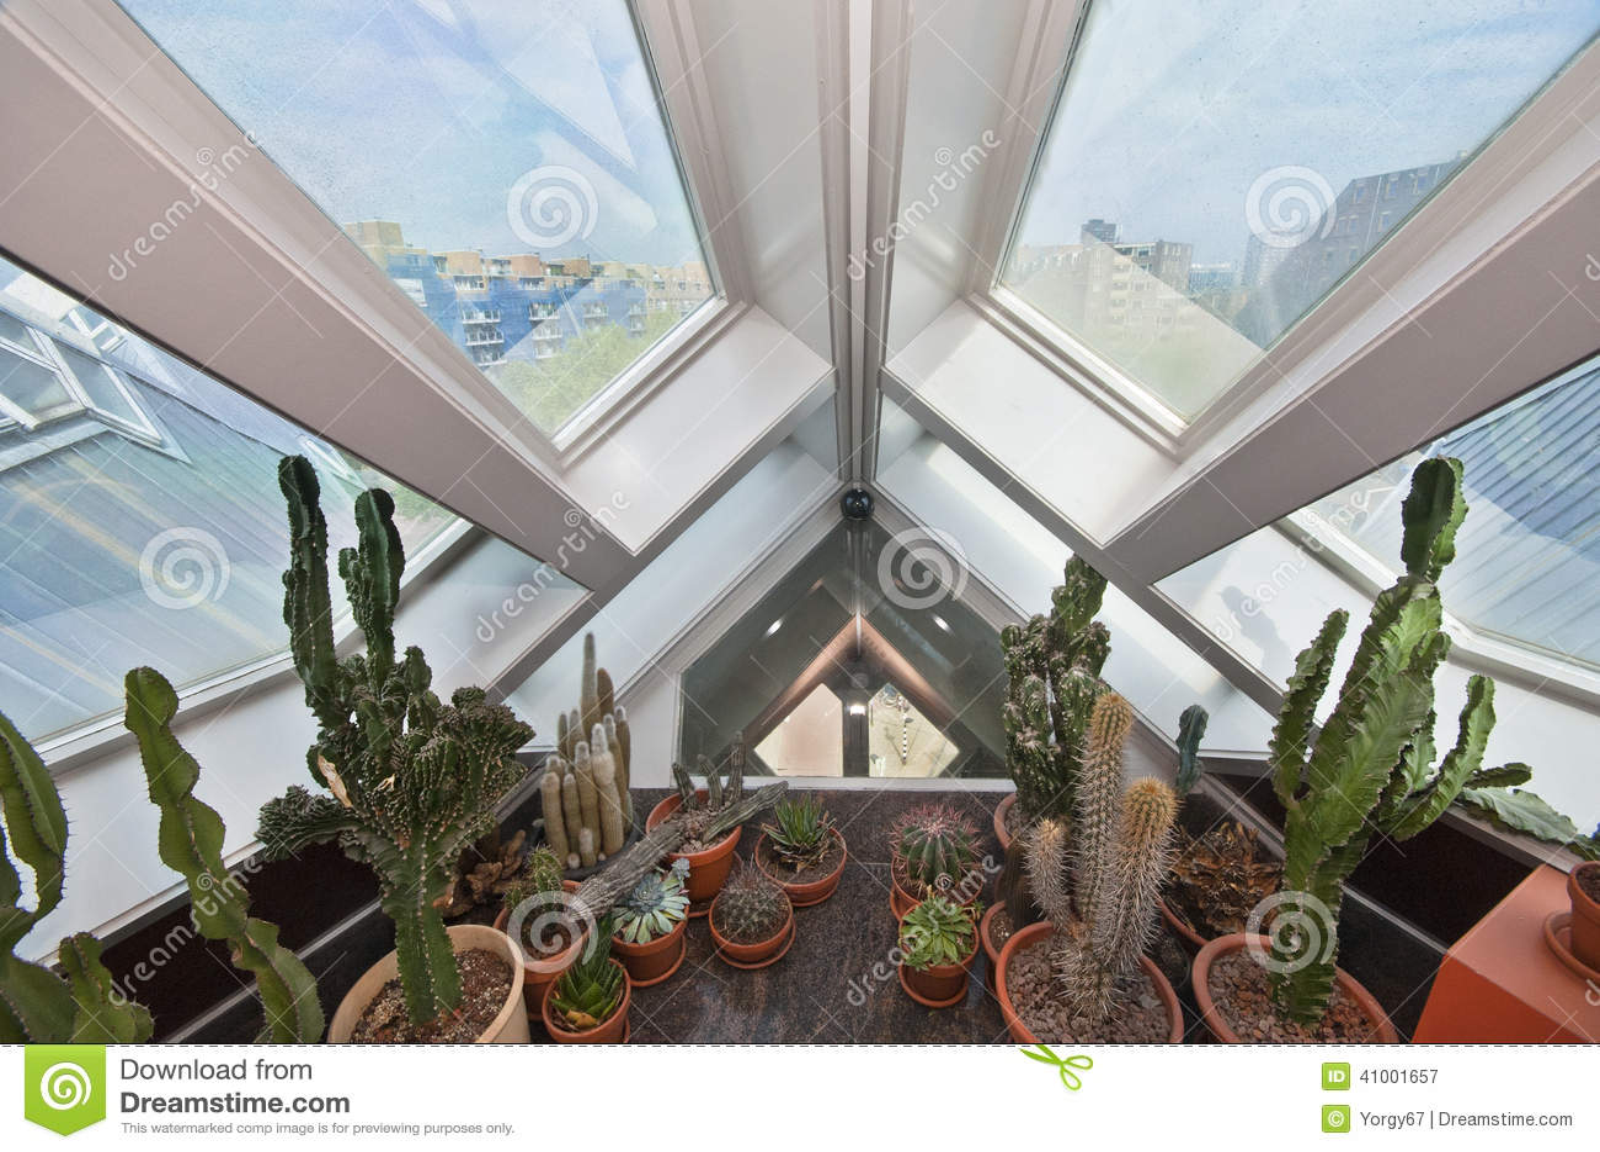 Chambre cubique int rieure photographie ditorial image for Interieur maison cubique